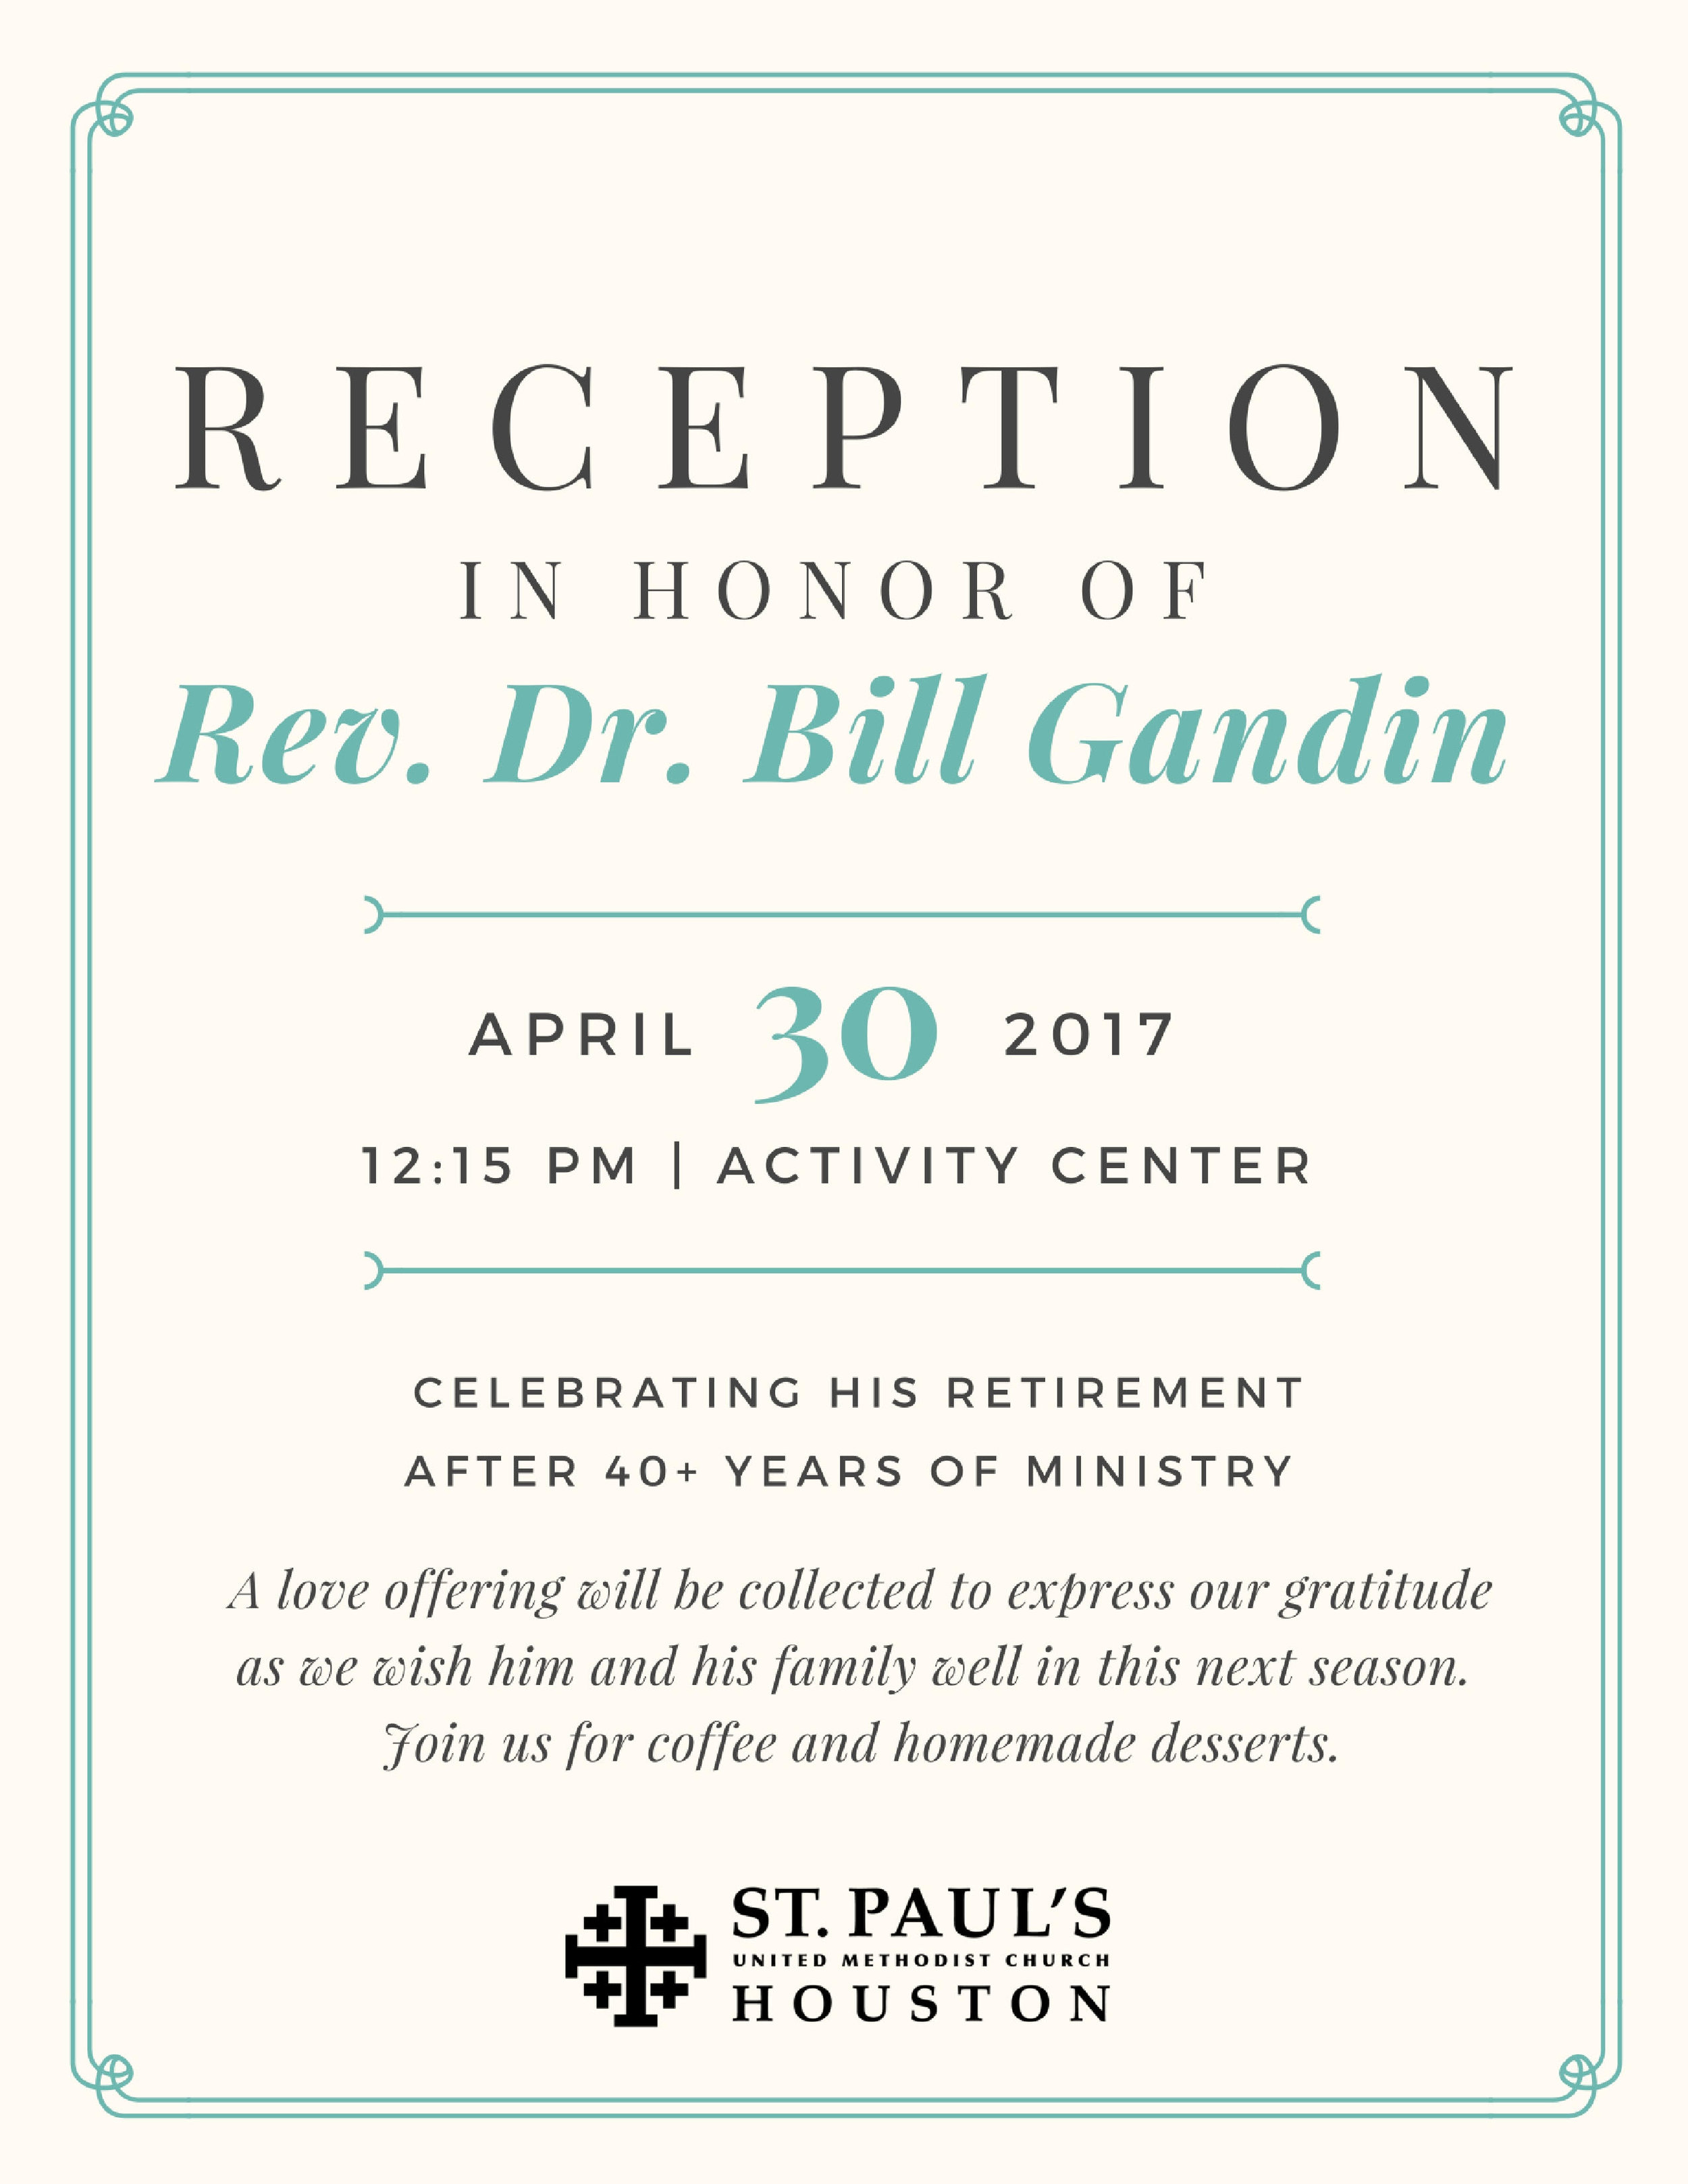 Bill Gandin retirement.jpg